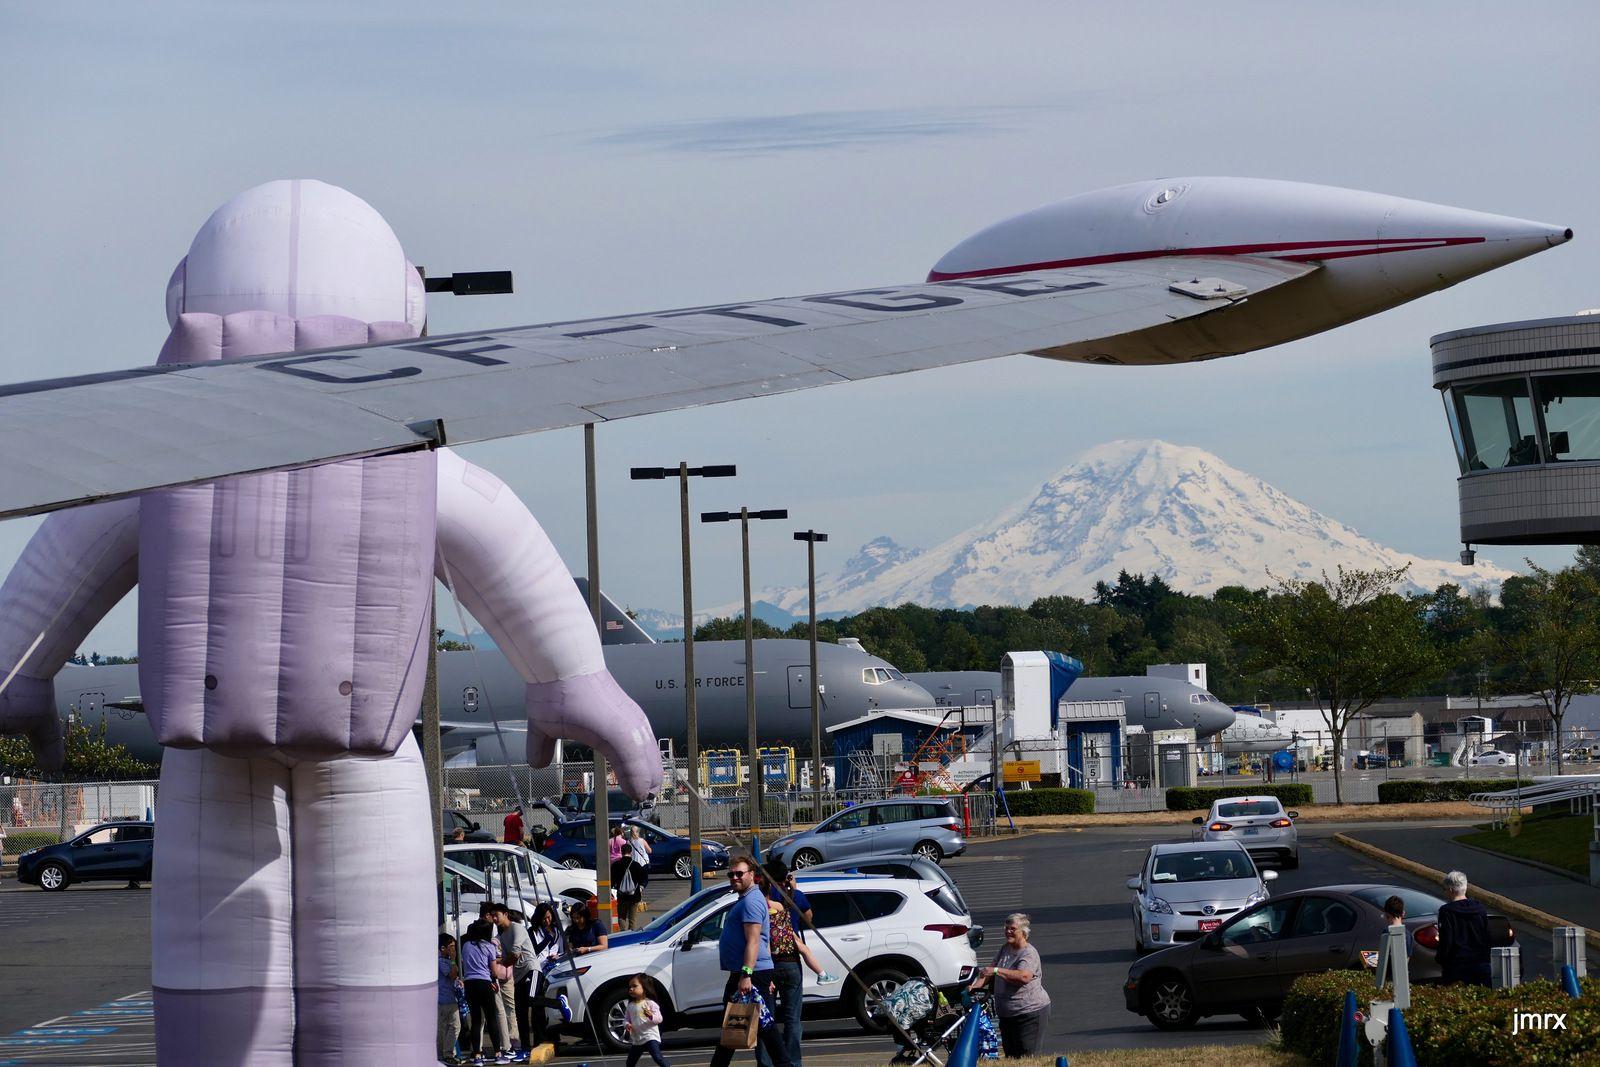 Dominé par la mont Rainier (4450m) le Musée de l'air chez Boeing à Seattle..